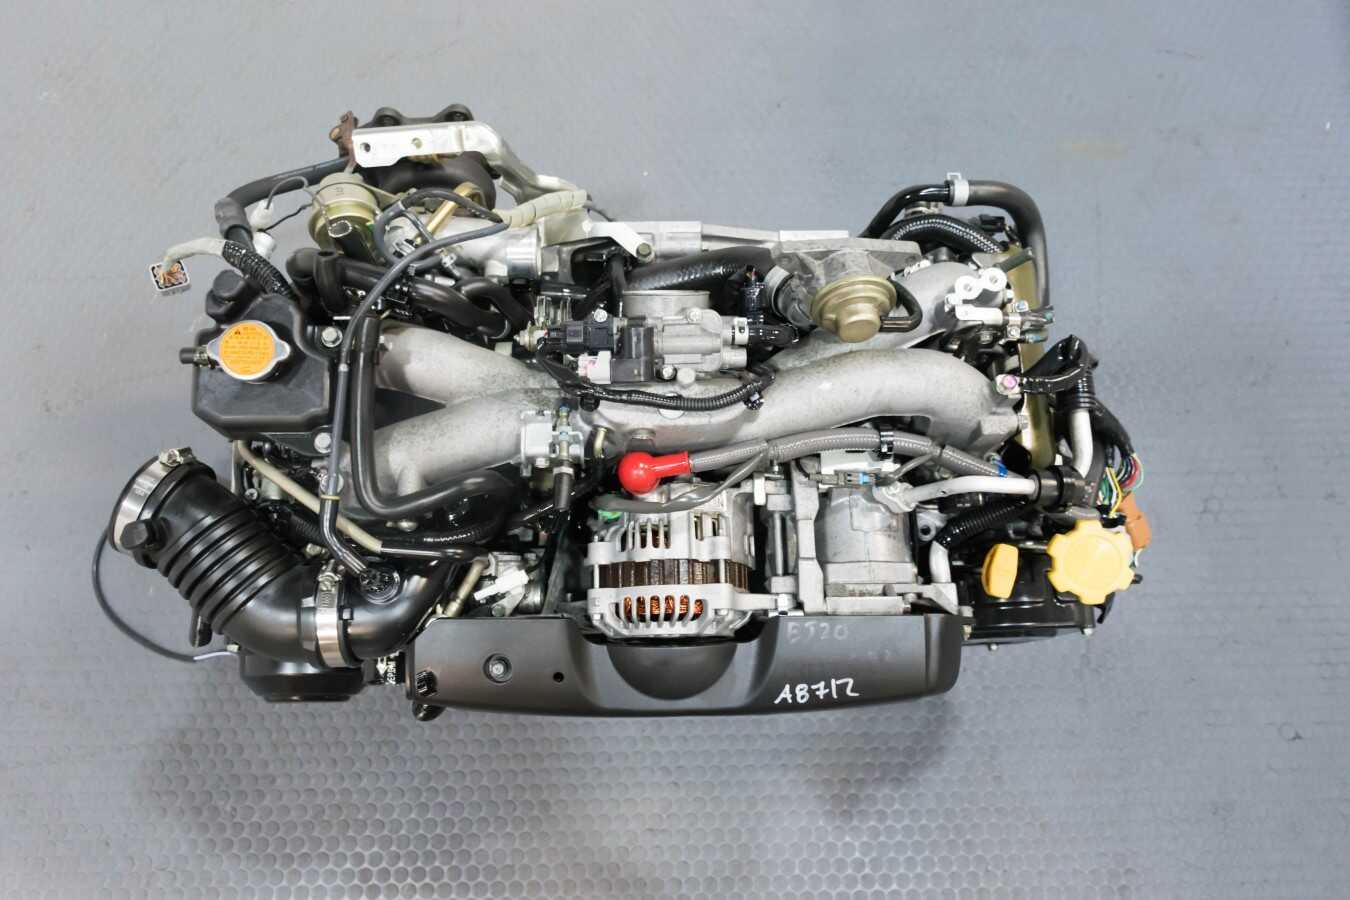 2004 Subaru Impreza Ecu Wiring Diagrams Also Wrx Turbo Inlet Diagram